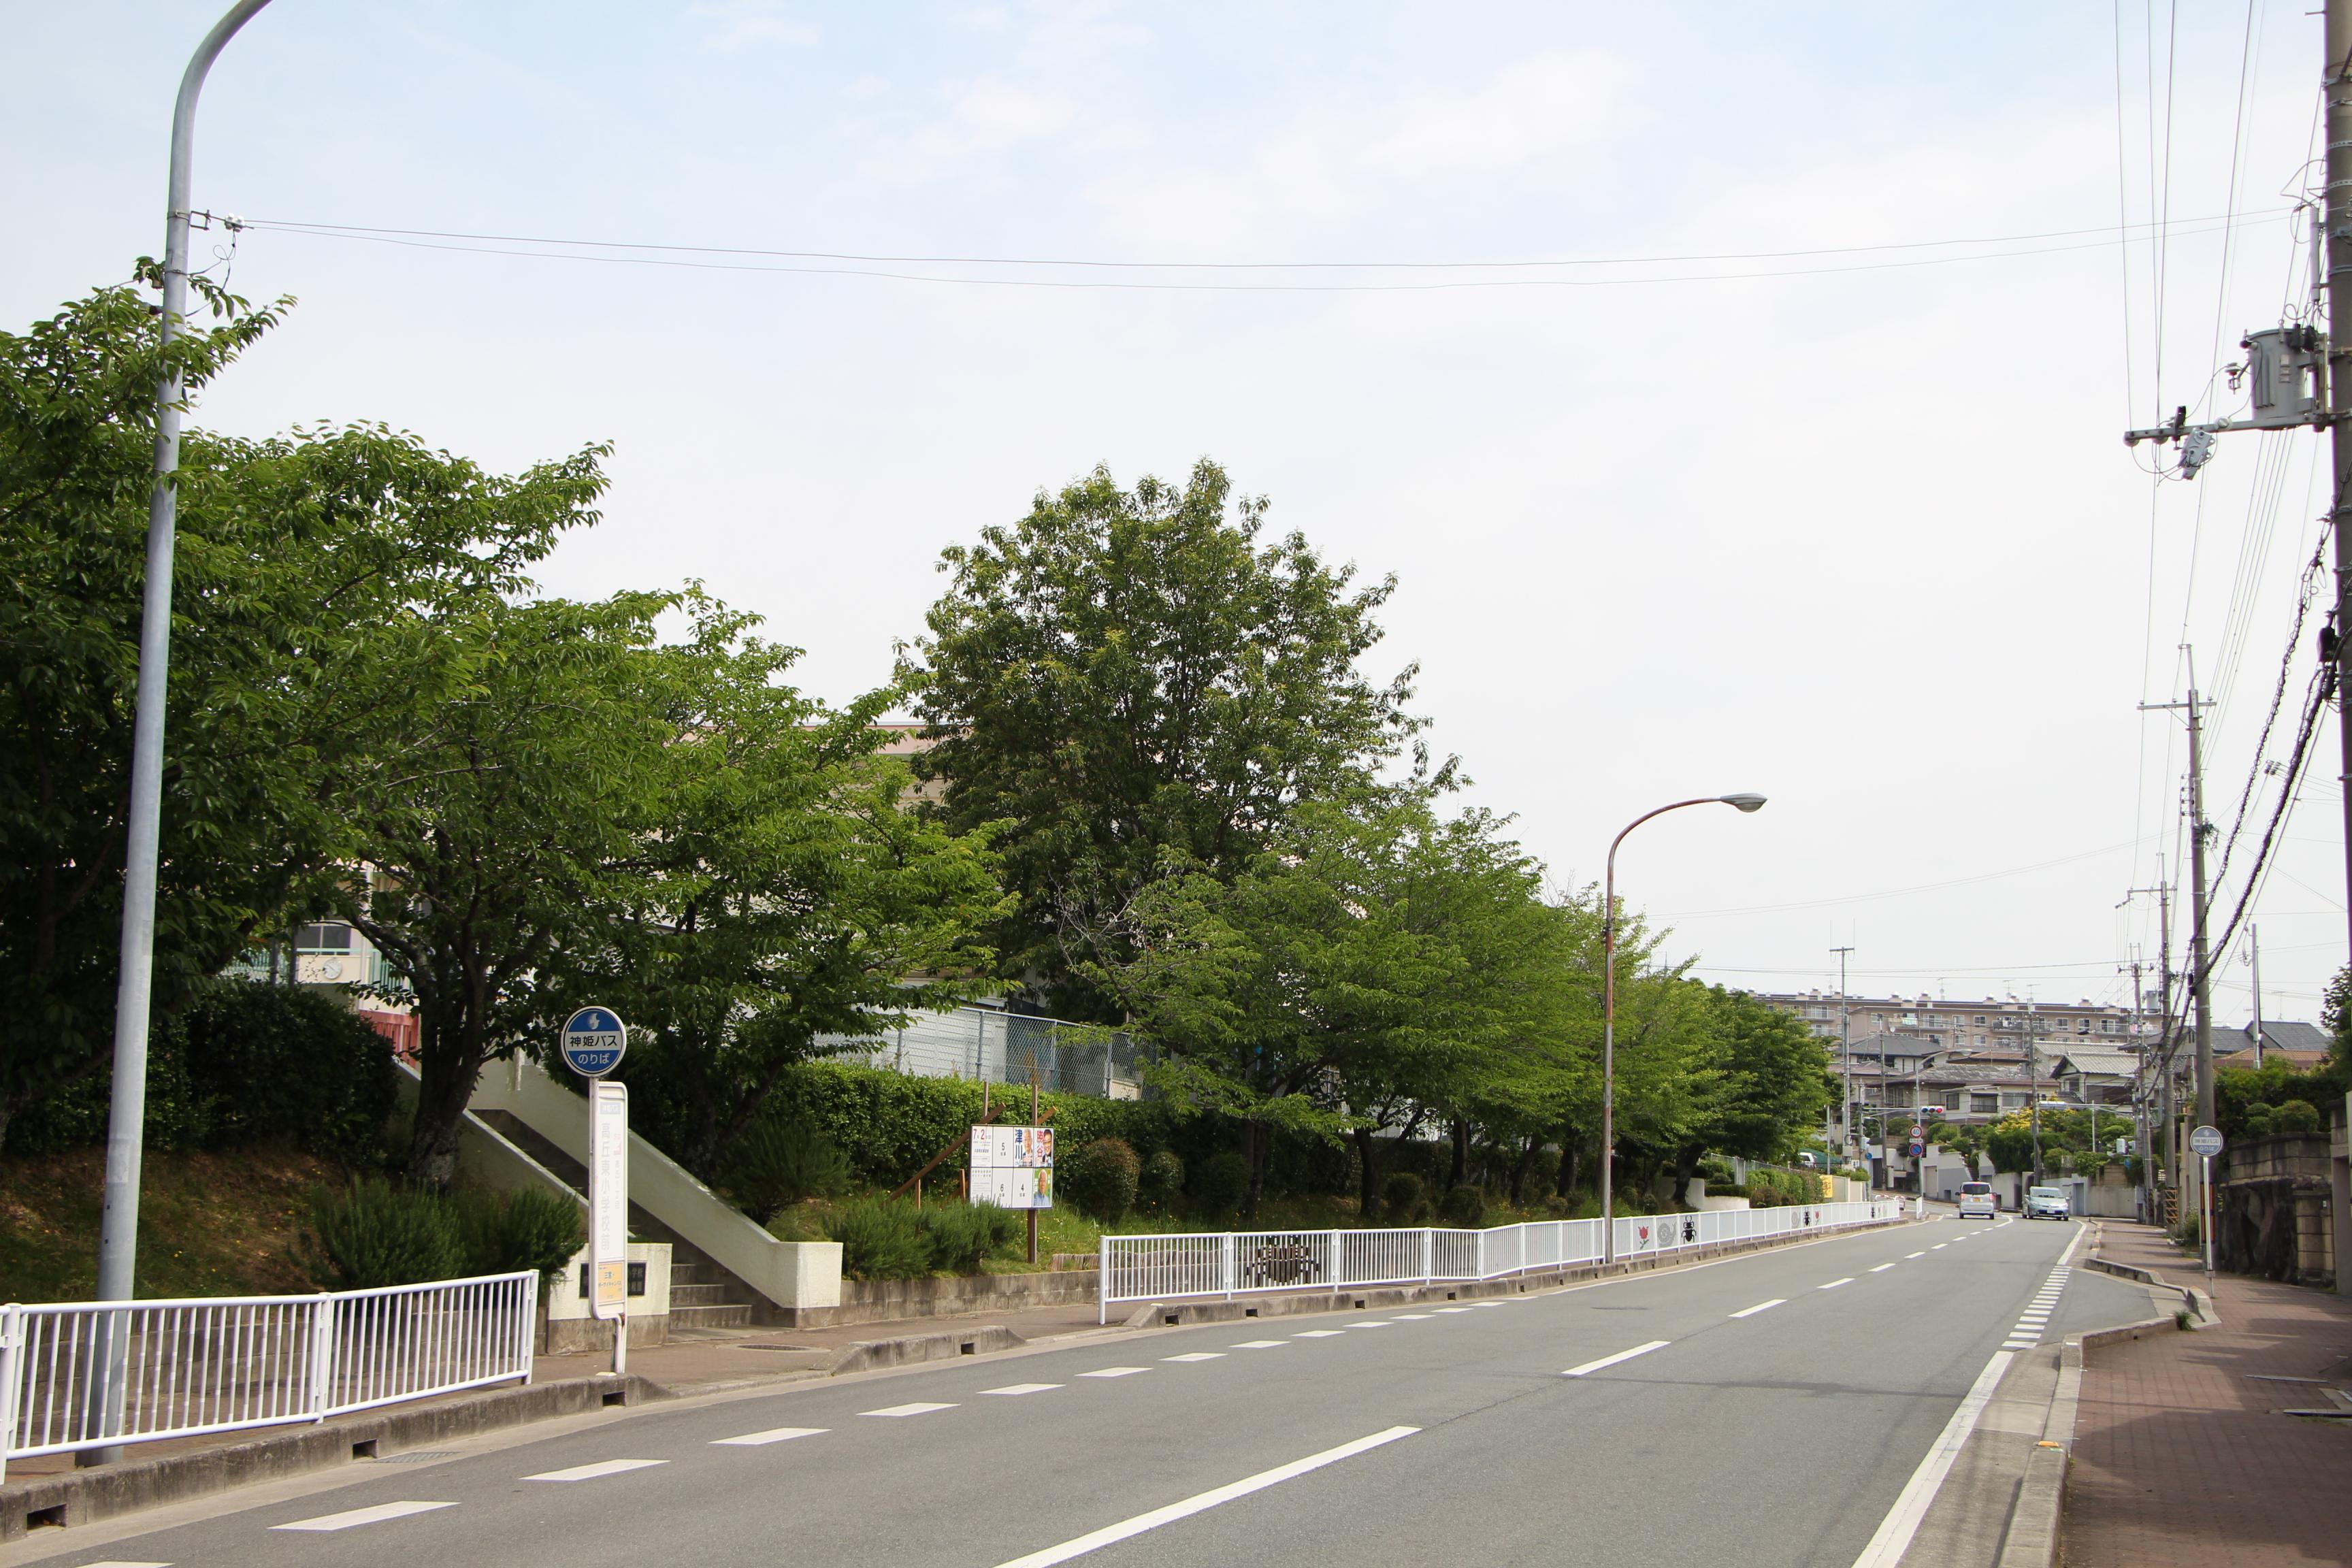 高丘東小学校前(明石市) - BUS STOP~バス停探訪ブログ~